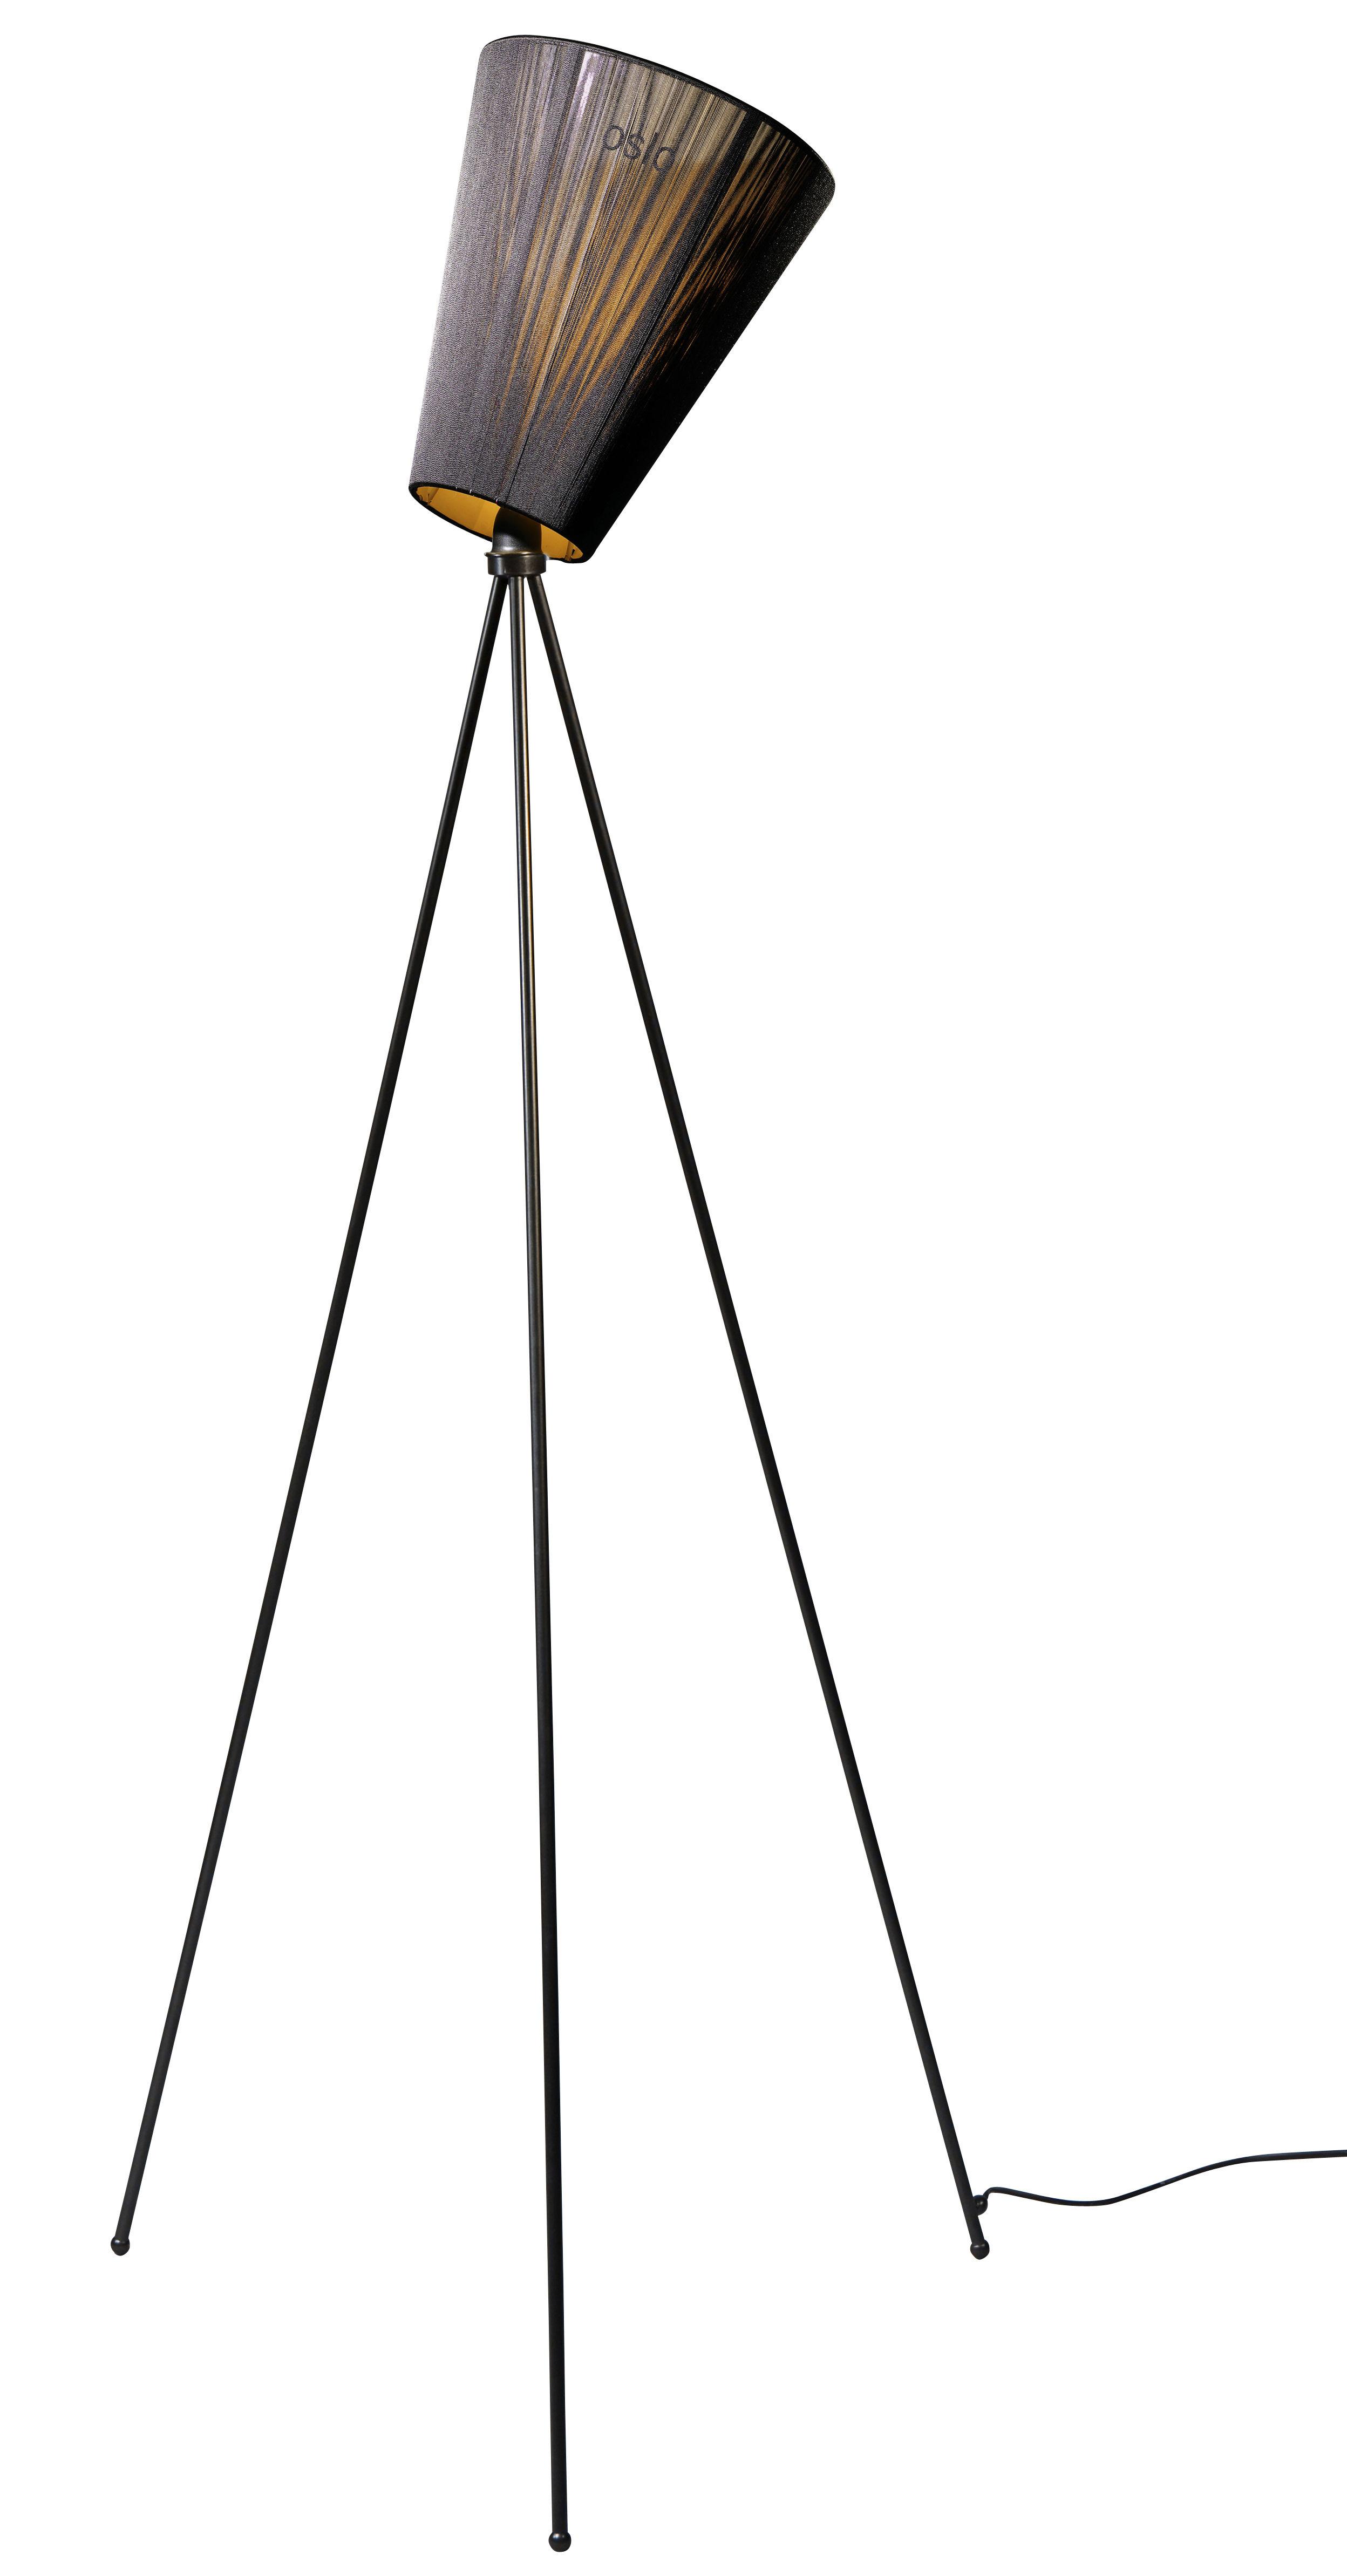 Leuchten - Stehleuchten - Oslo Wood Stehleuchte - Northern  - Schwarz / Fuß schwarz - bemalter Stahl, plissiertes Gewebe